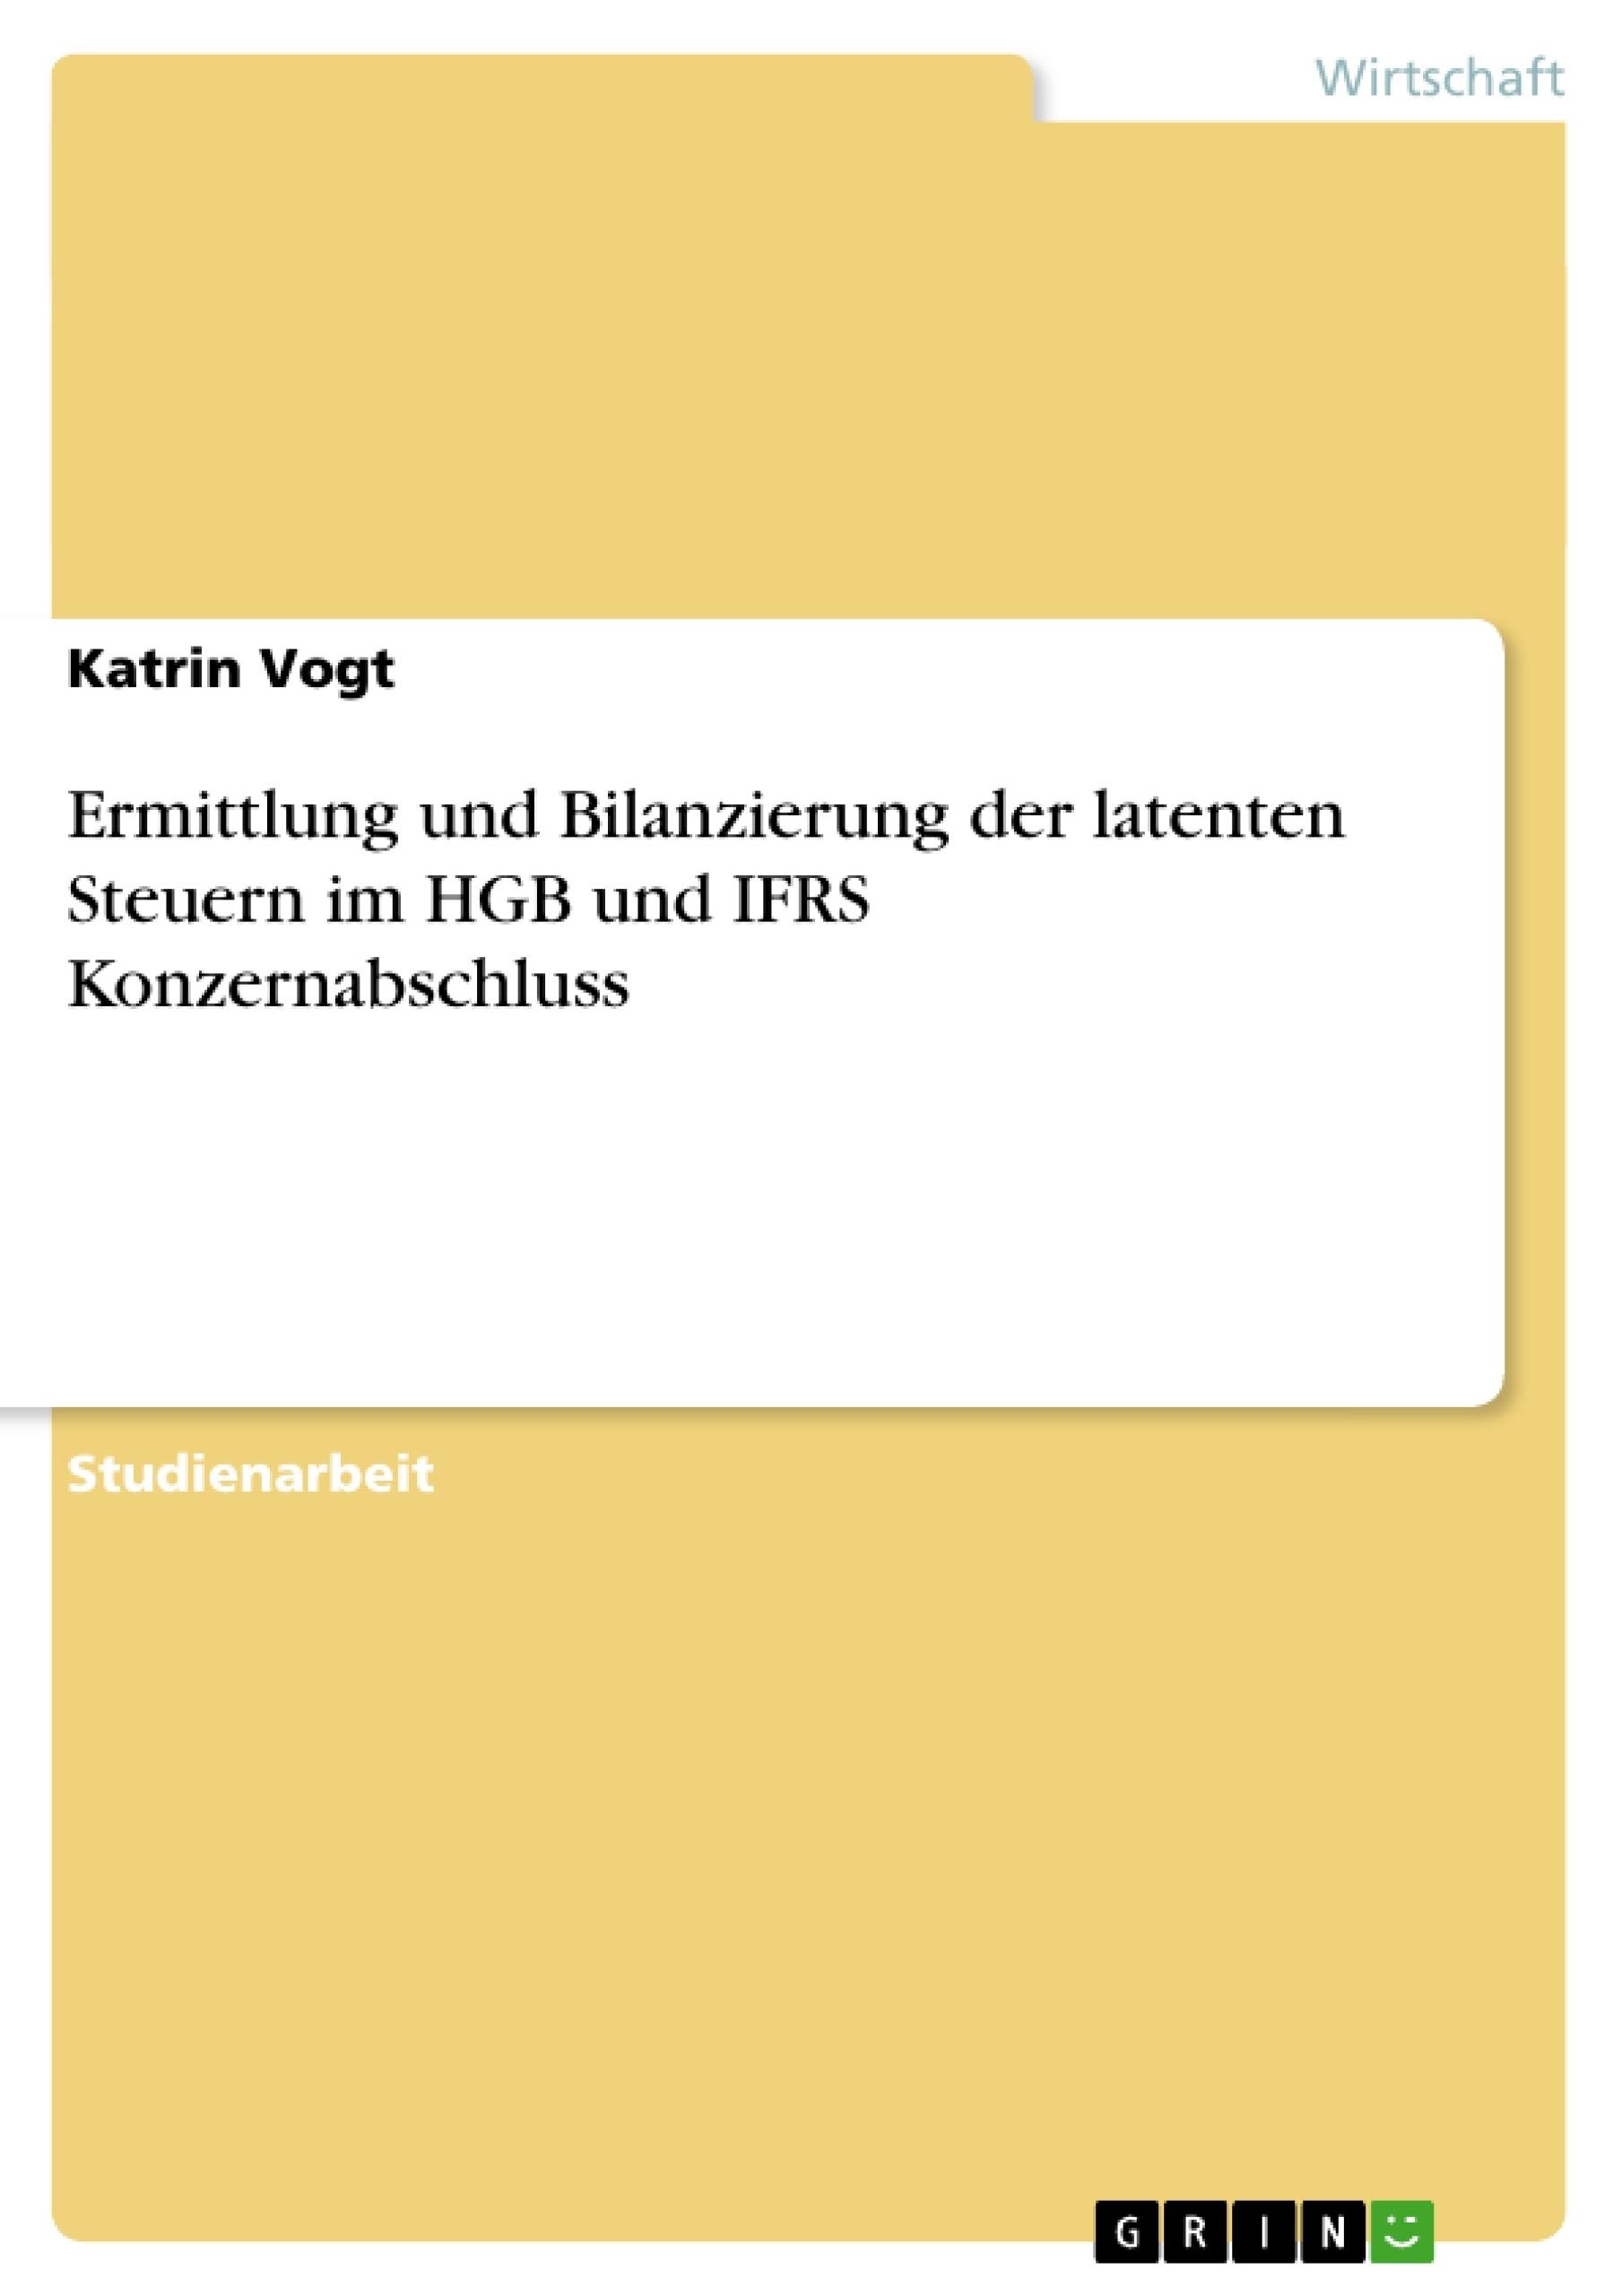 Titel: Ermittlung und Bilanzierung der latenten Steuern im HGB und IFRS Konzernabschluss